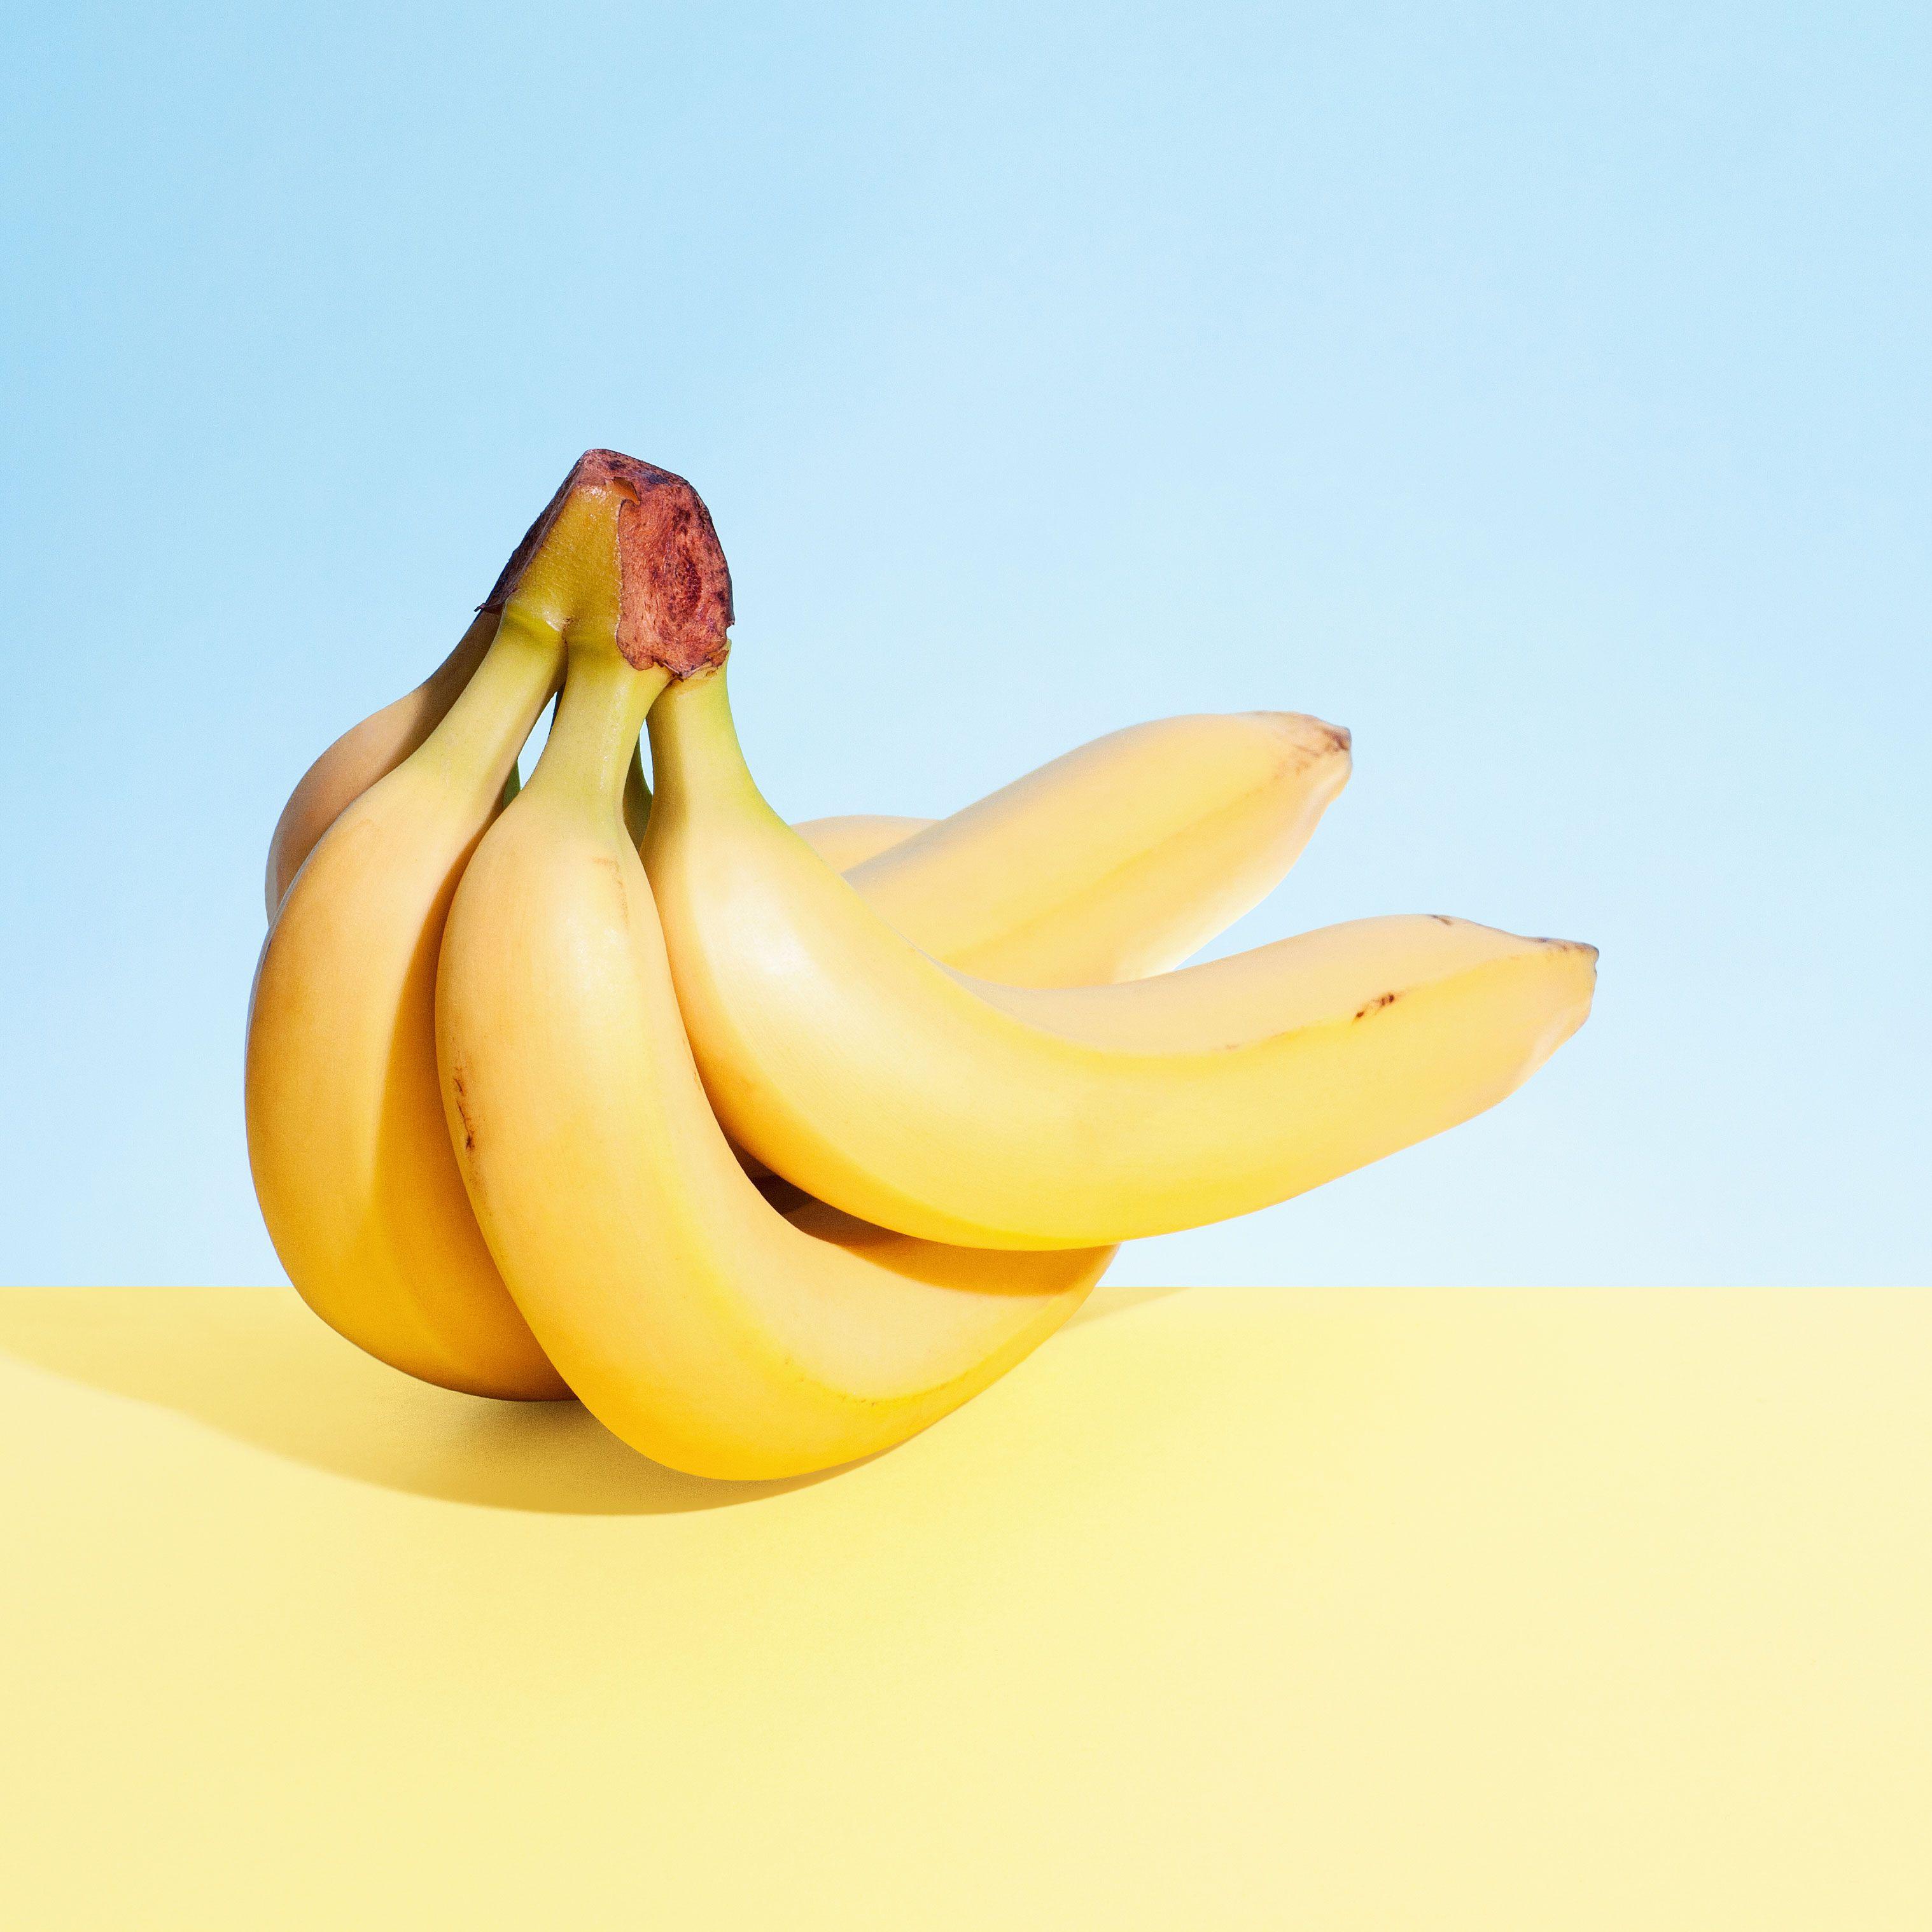 do bananas boost testosterone